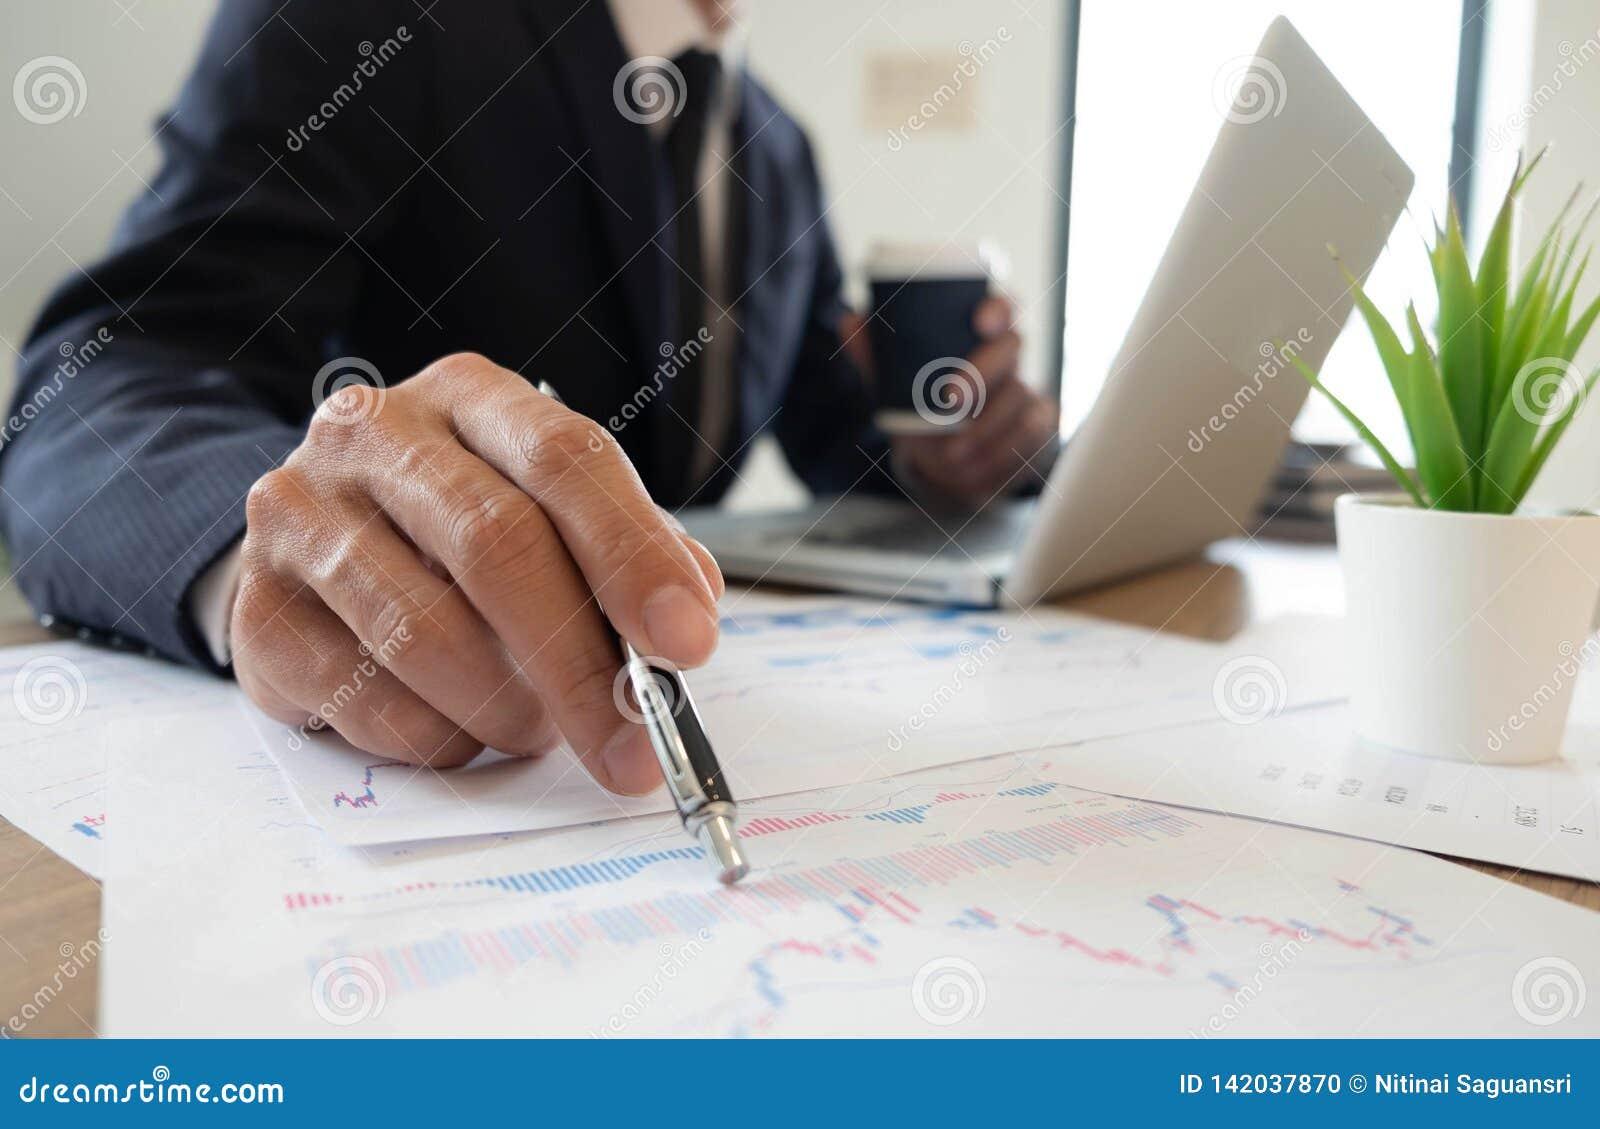 Affärsfinans och att revidera och att redovisa, konsulterande samarbete, konsultation